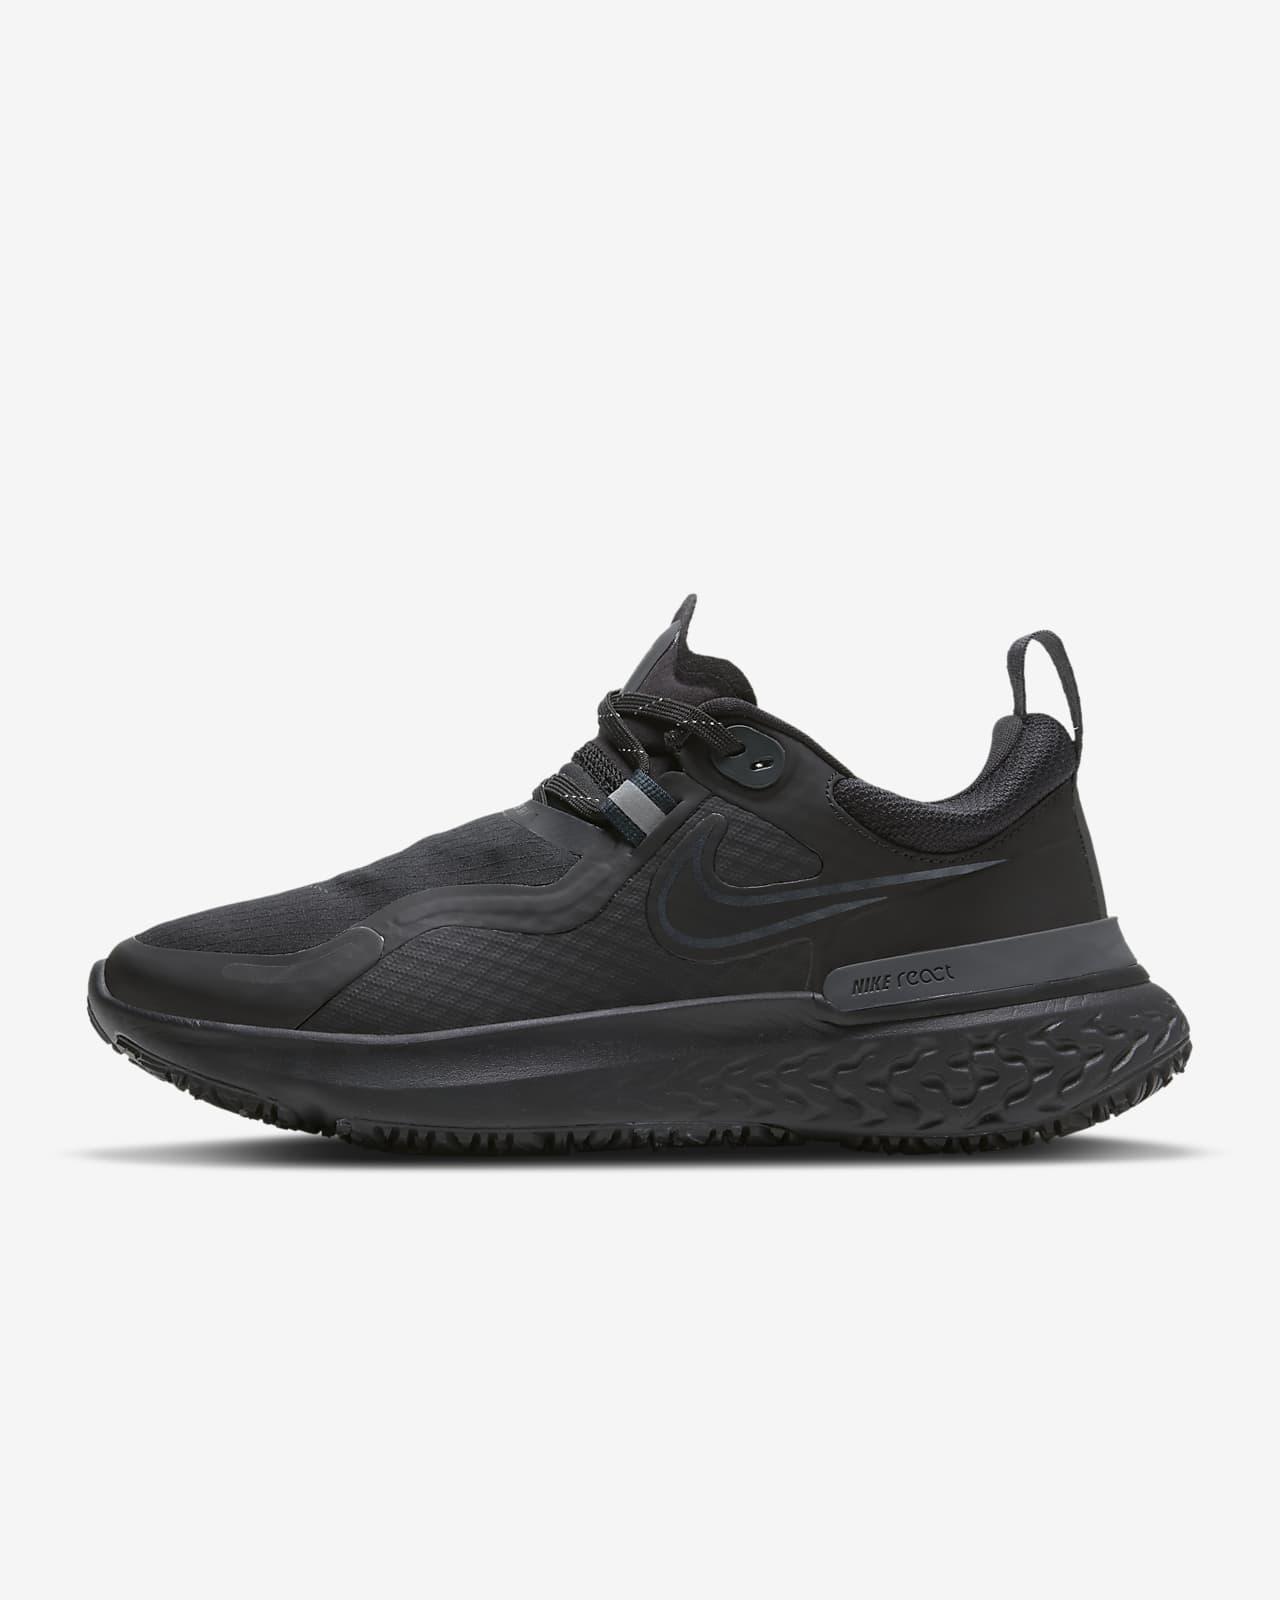 Γυναικείο παπούτσι για τρέξιμο Nike React Miler Shield